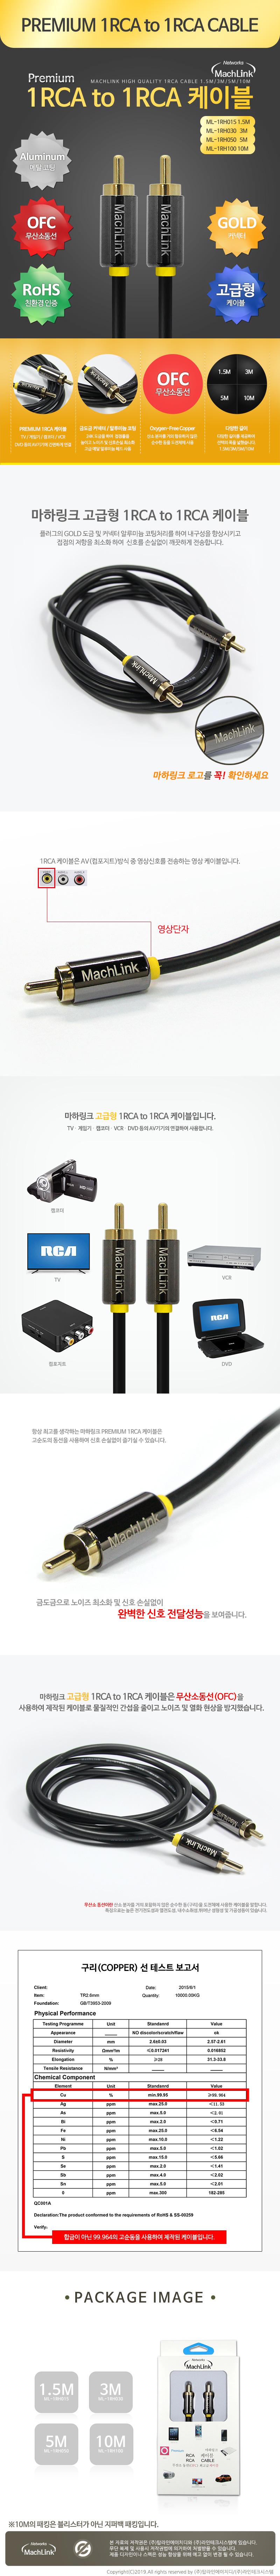 마하링크 1RCA to 1RCA 케이블 (1.5m, ML-1RH015)